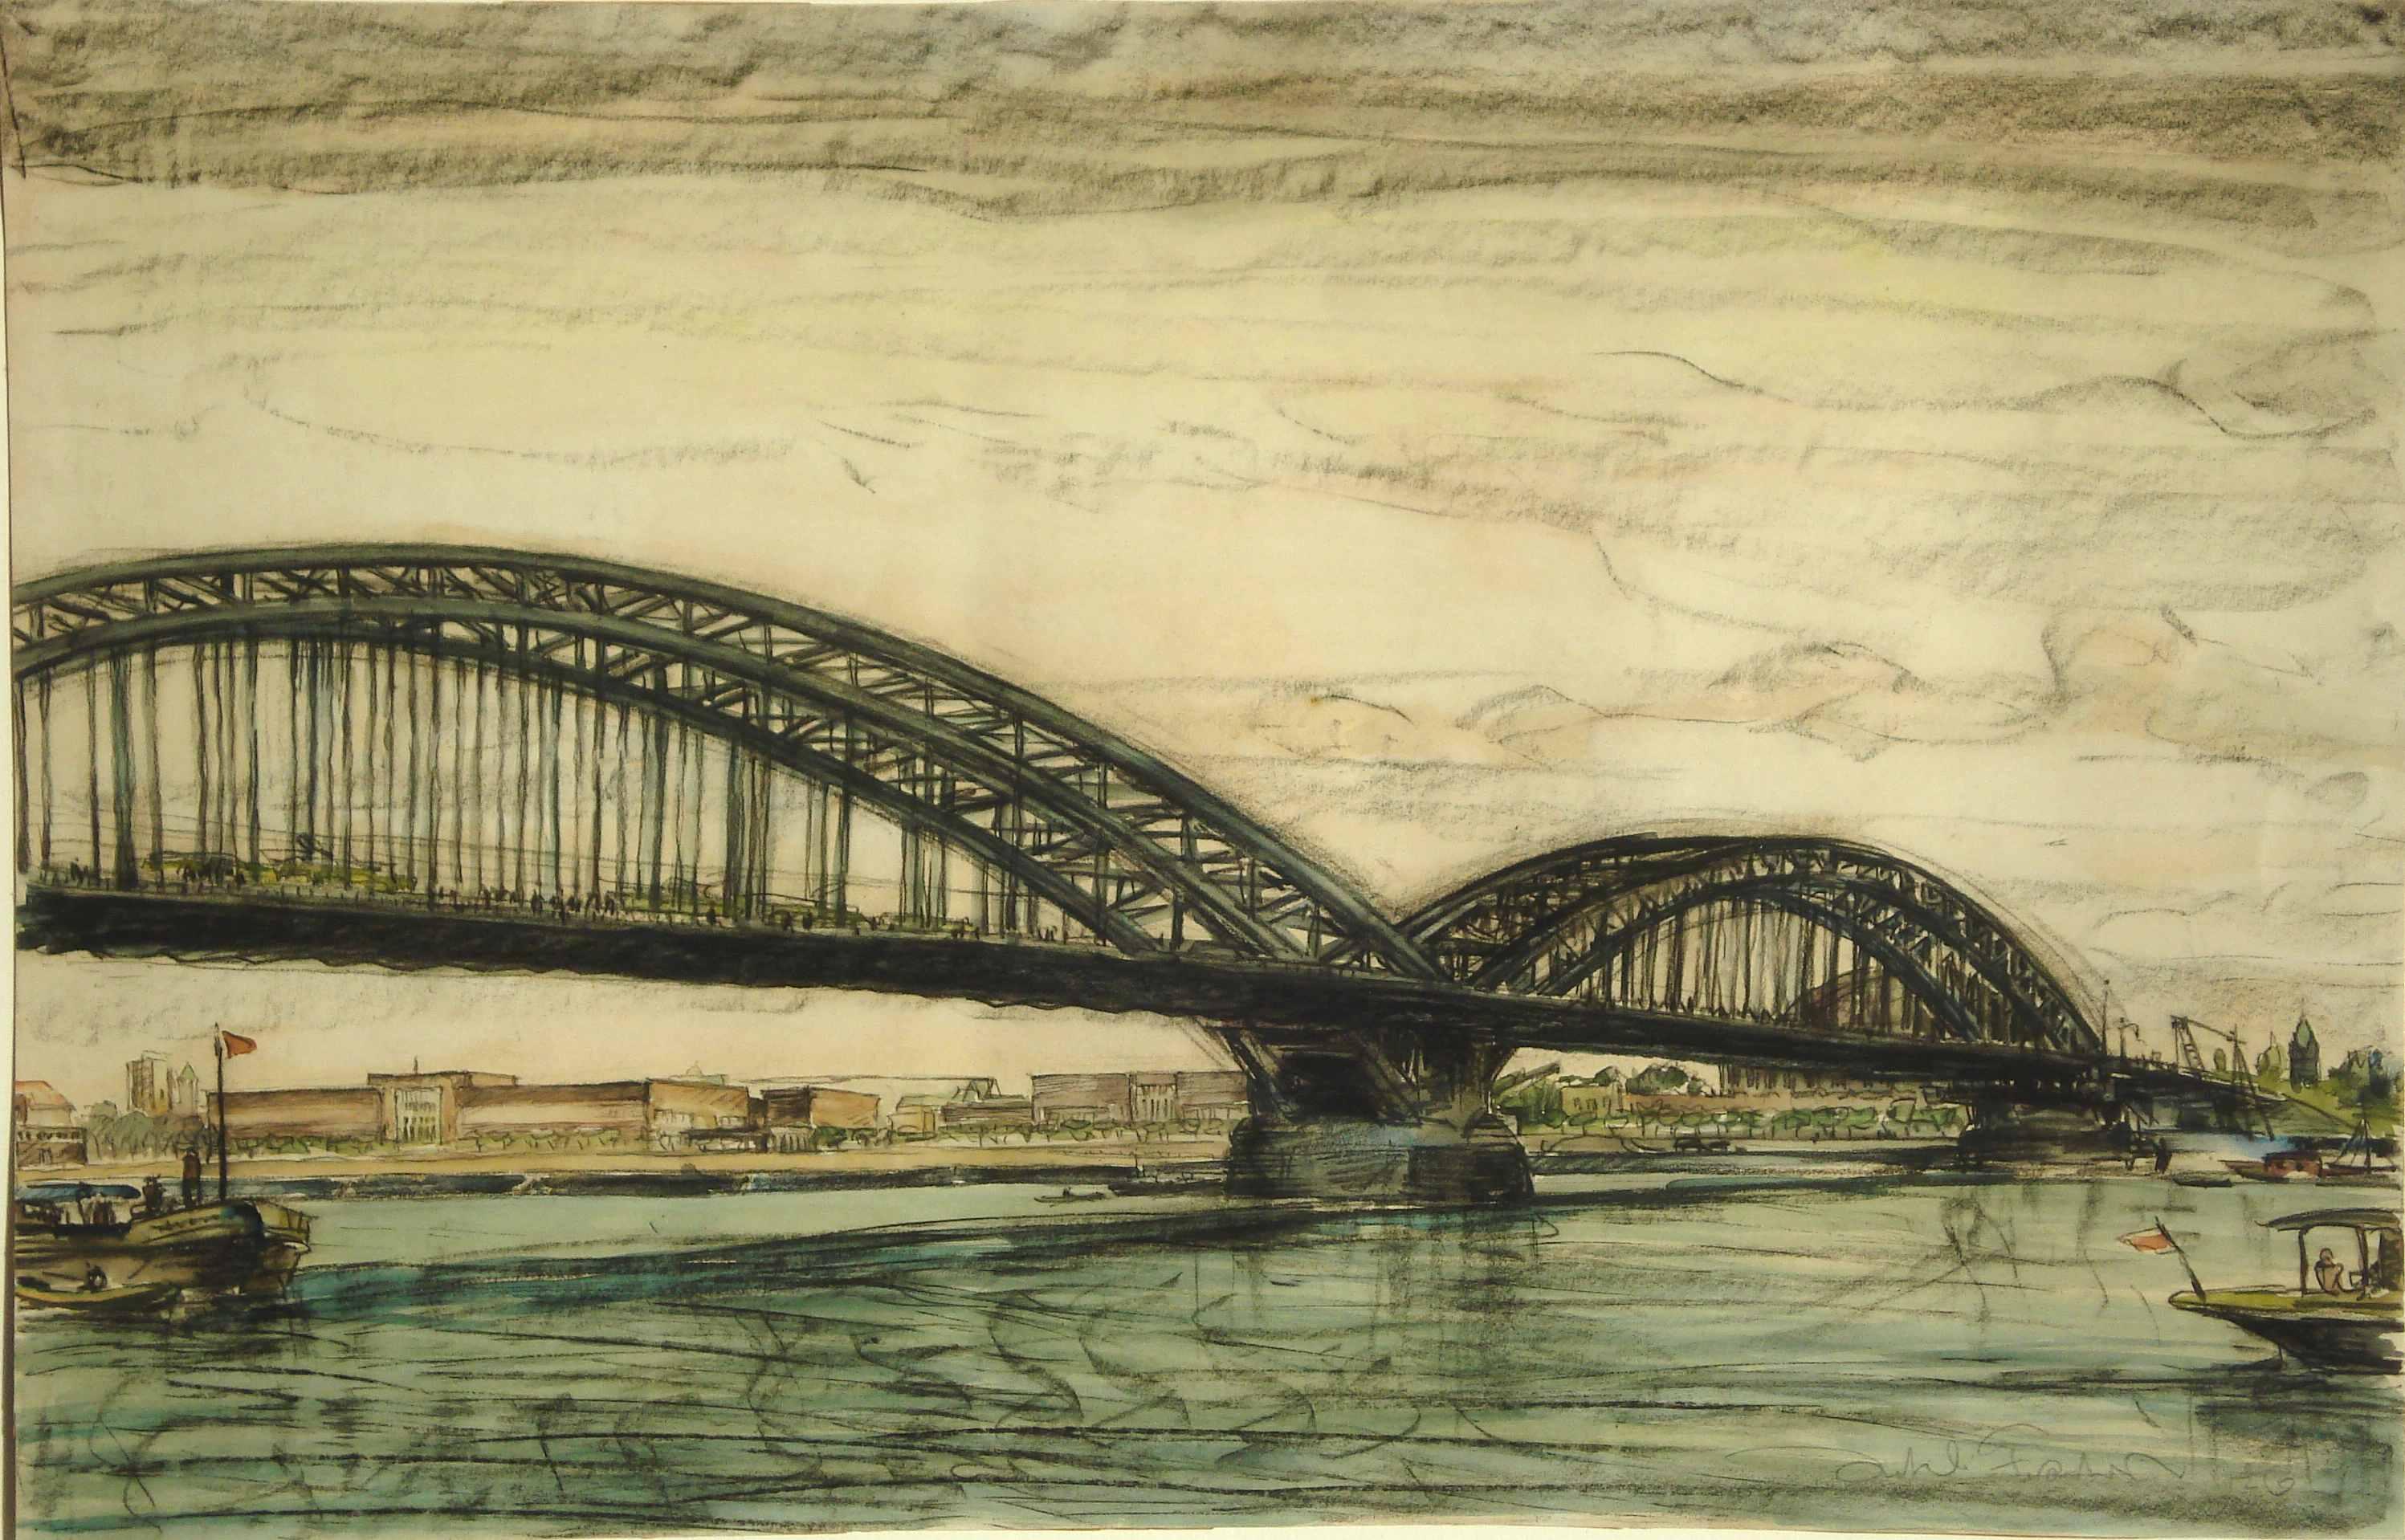 Düsseldorf Rheinbrücke, für vergrößerte Ansicht anklicken!